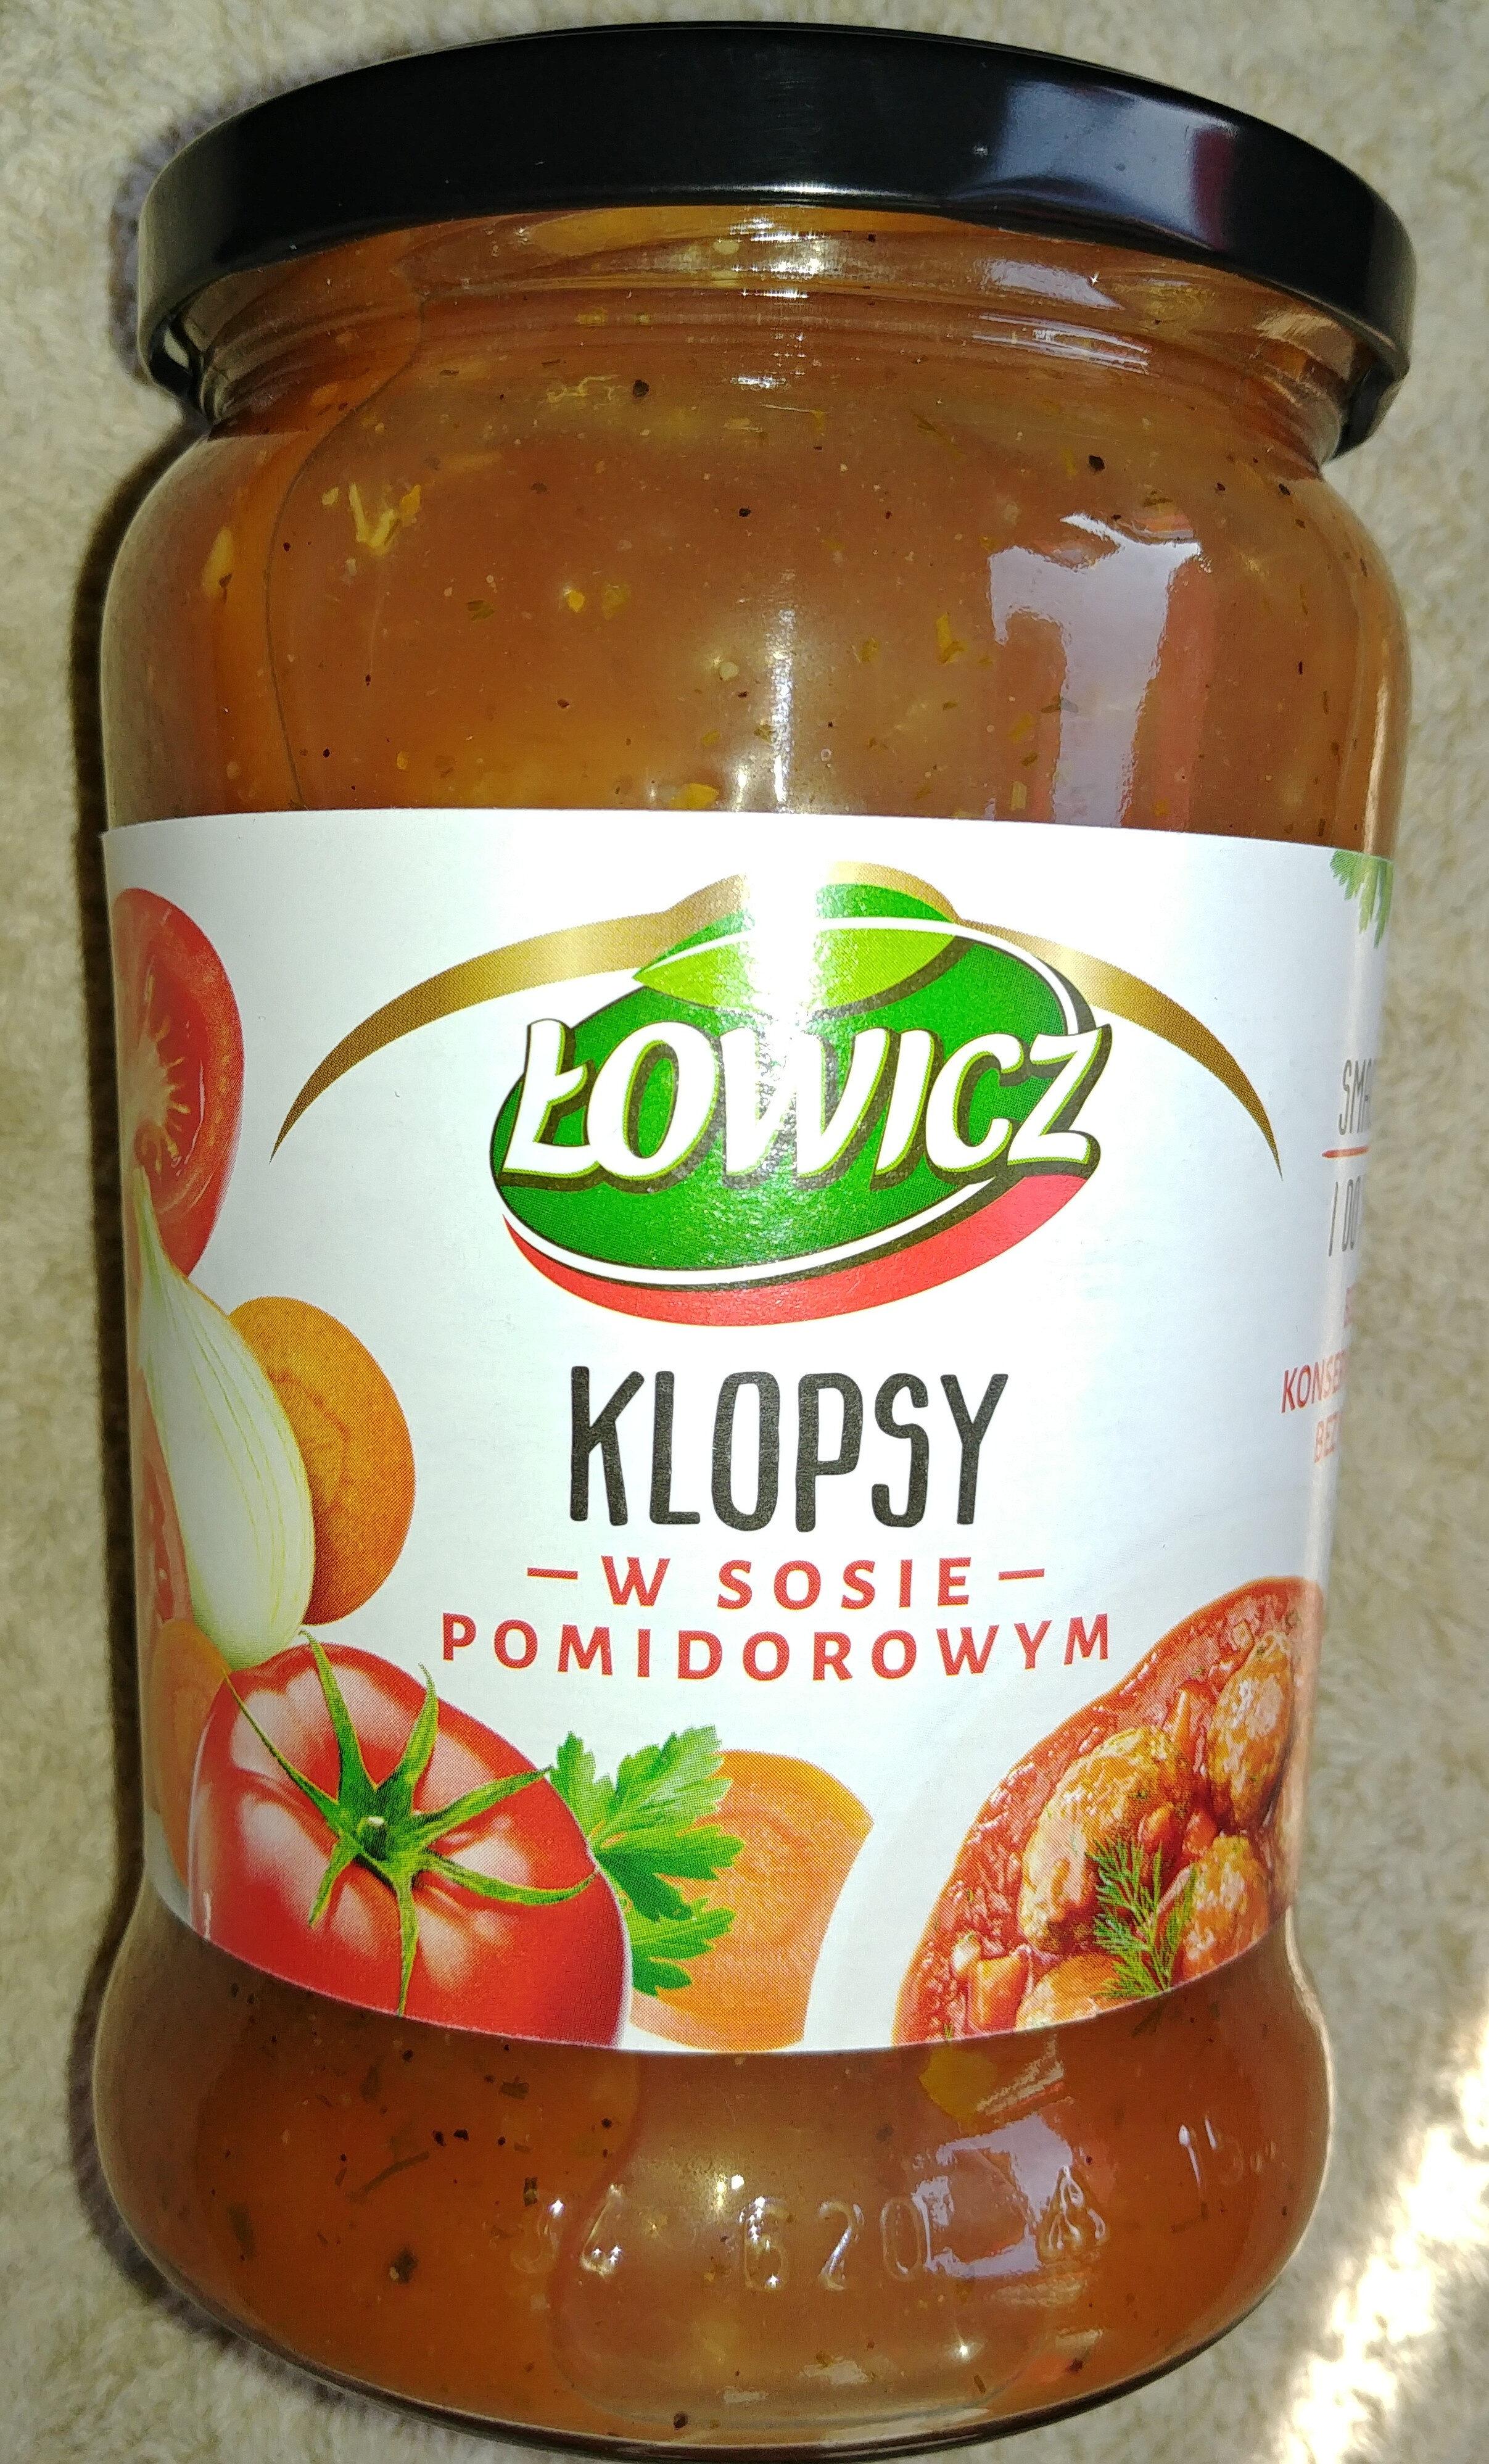 Klopsy w sosie pomidorowym - Product - pl